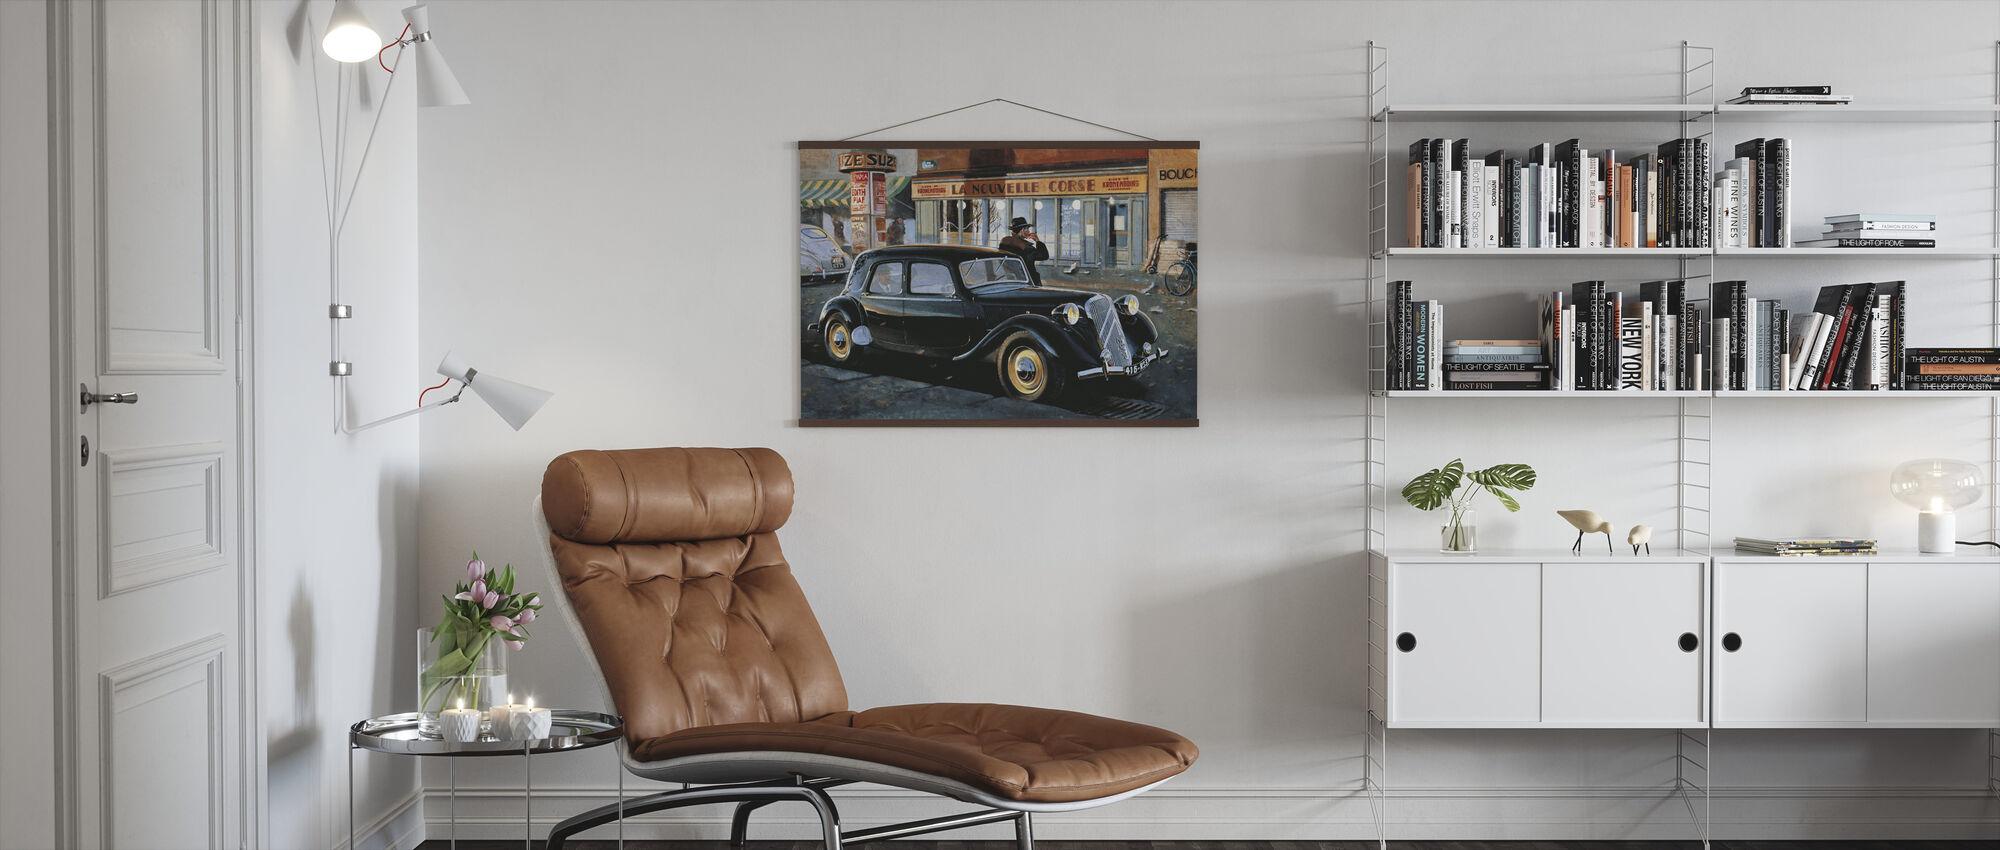 B15 in Paris - Poster - Living Room